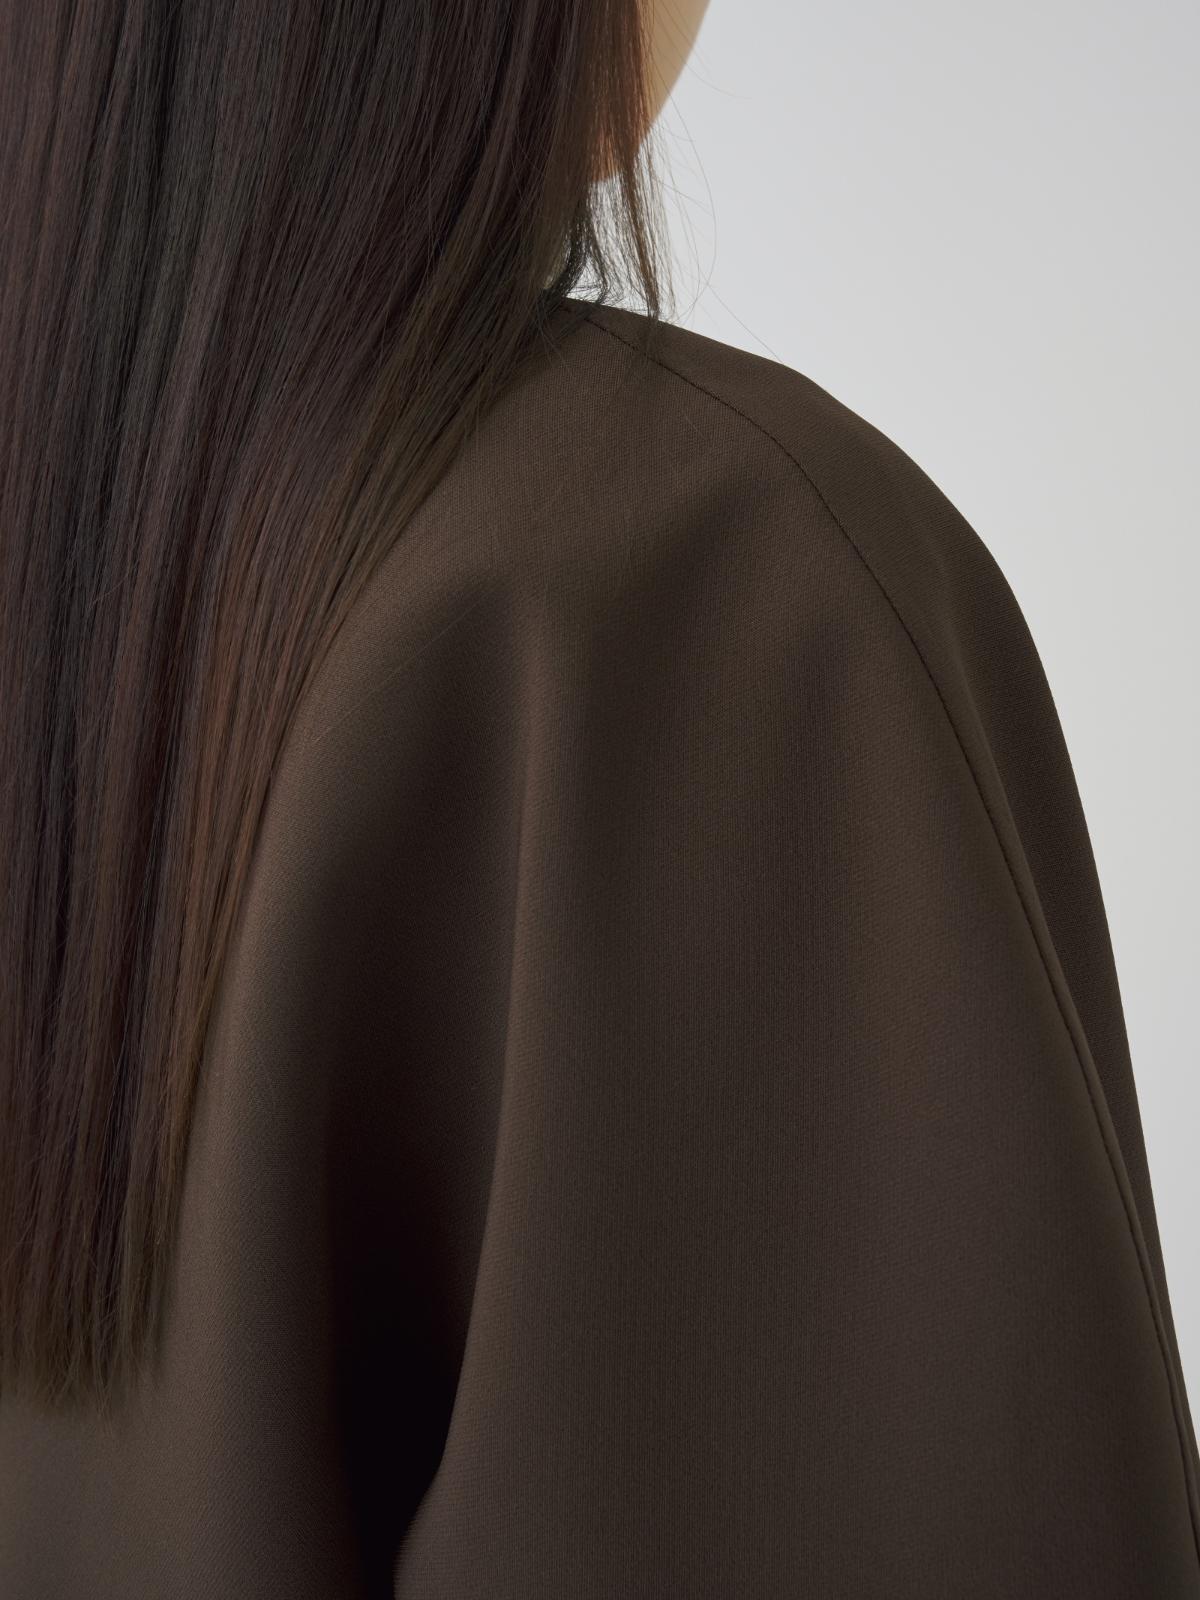 드레스 모델 착용 이미지-S1L25